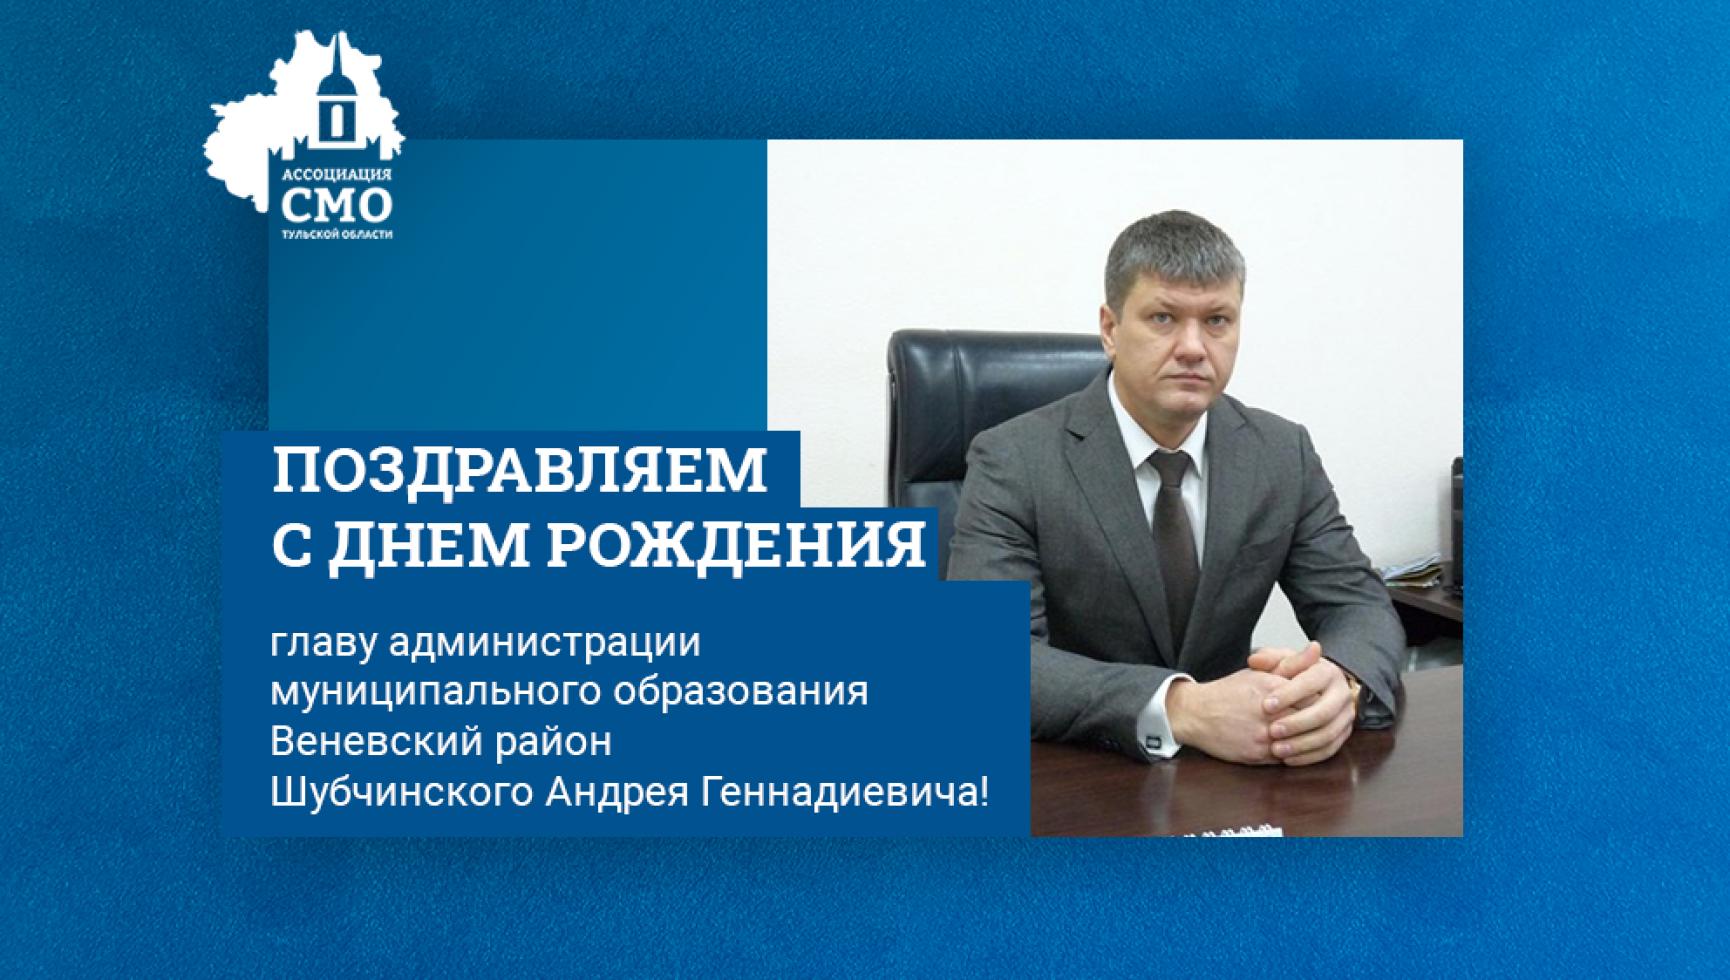 Поздравляем с Днем рождения главу администрации муниципального образования Веневский район Шубчинского Андрея Геннадиевича!